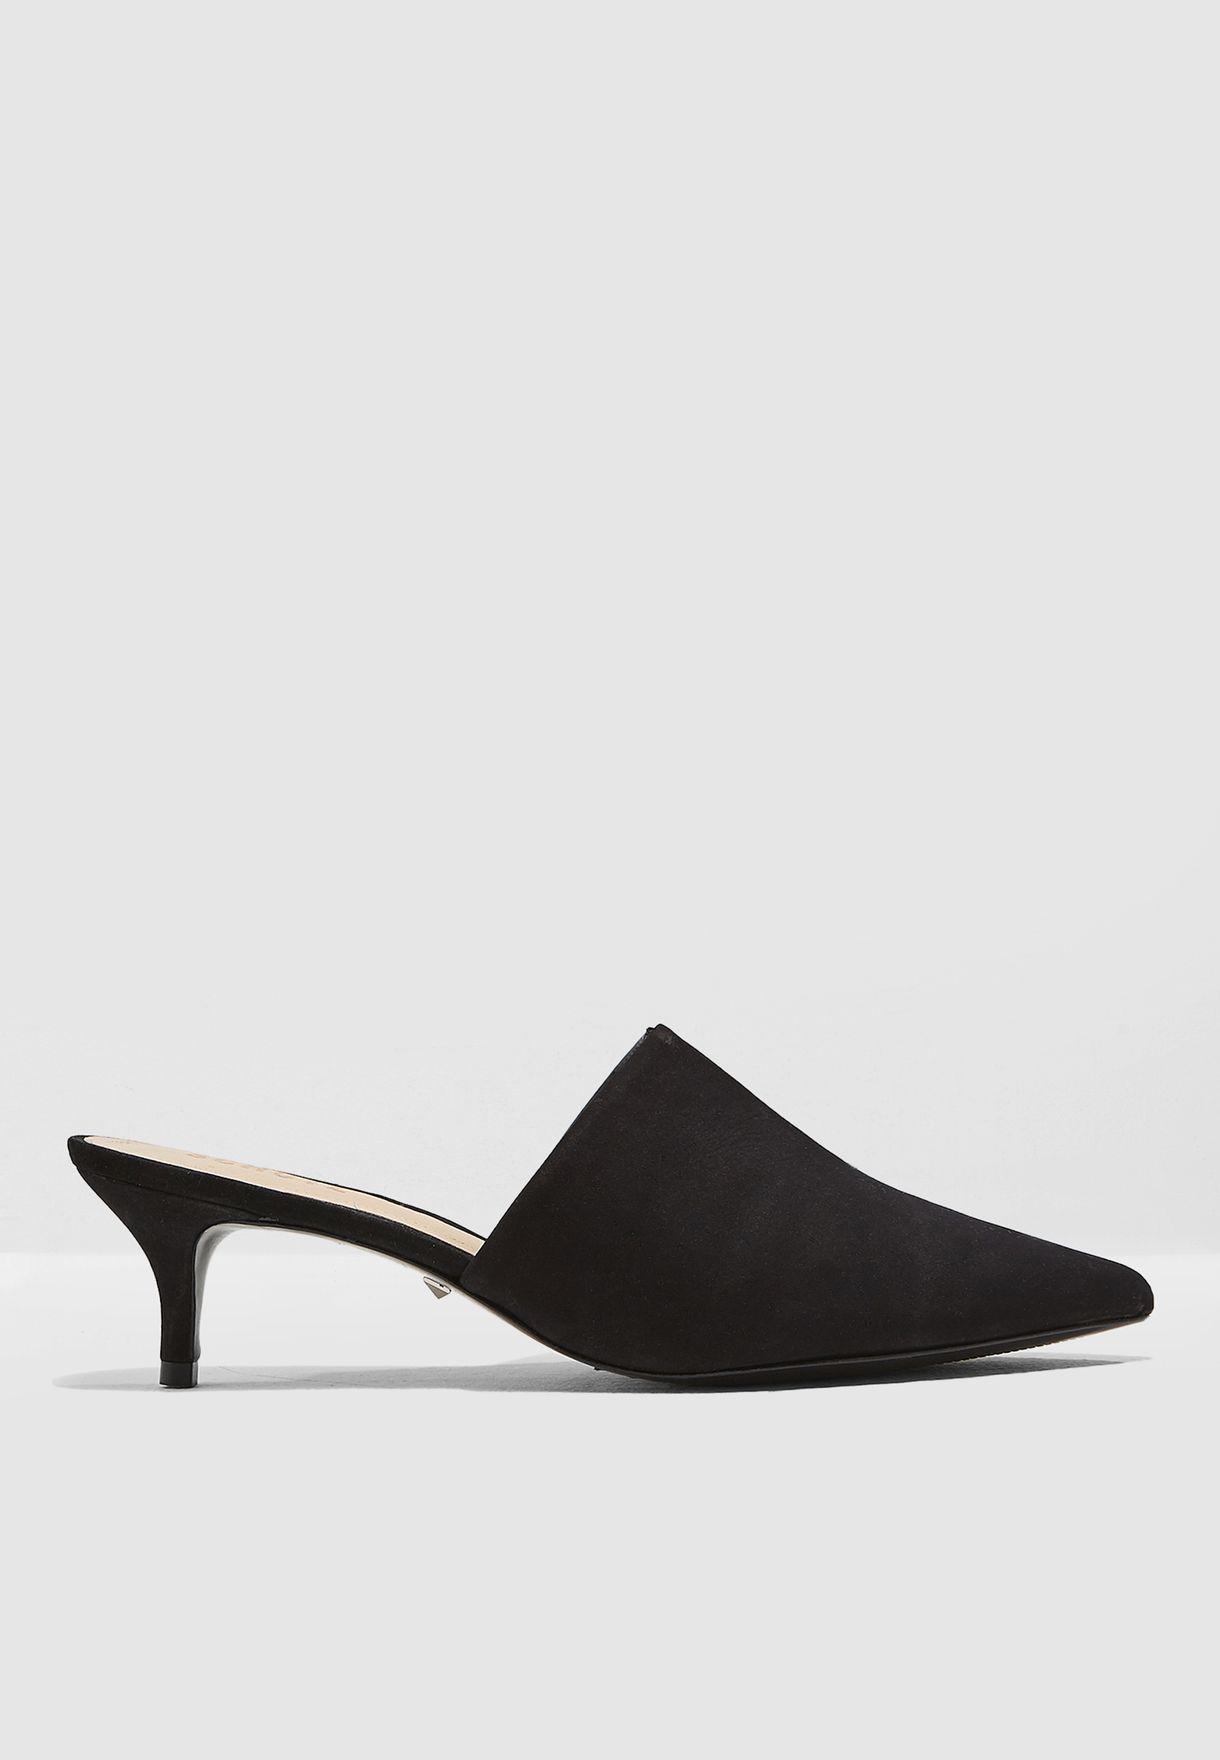 79d0ec5bdf Shop Schutz black Two Toned Kitten Heel Pump S0175201500001 for ...